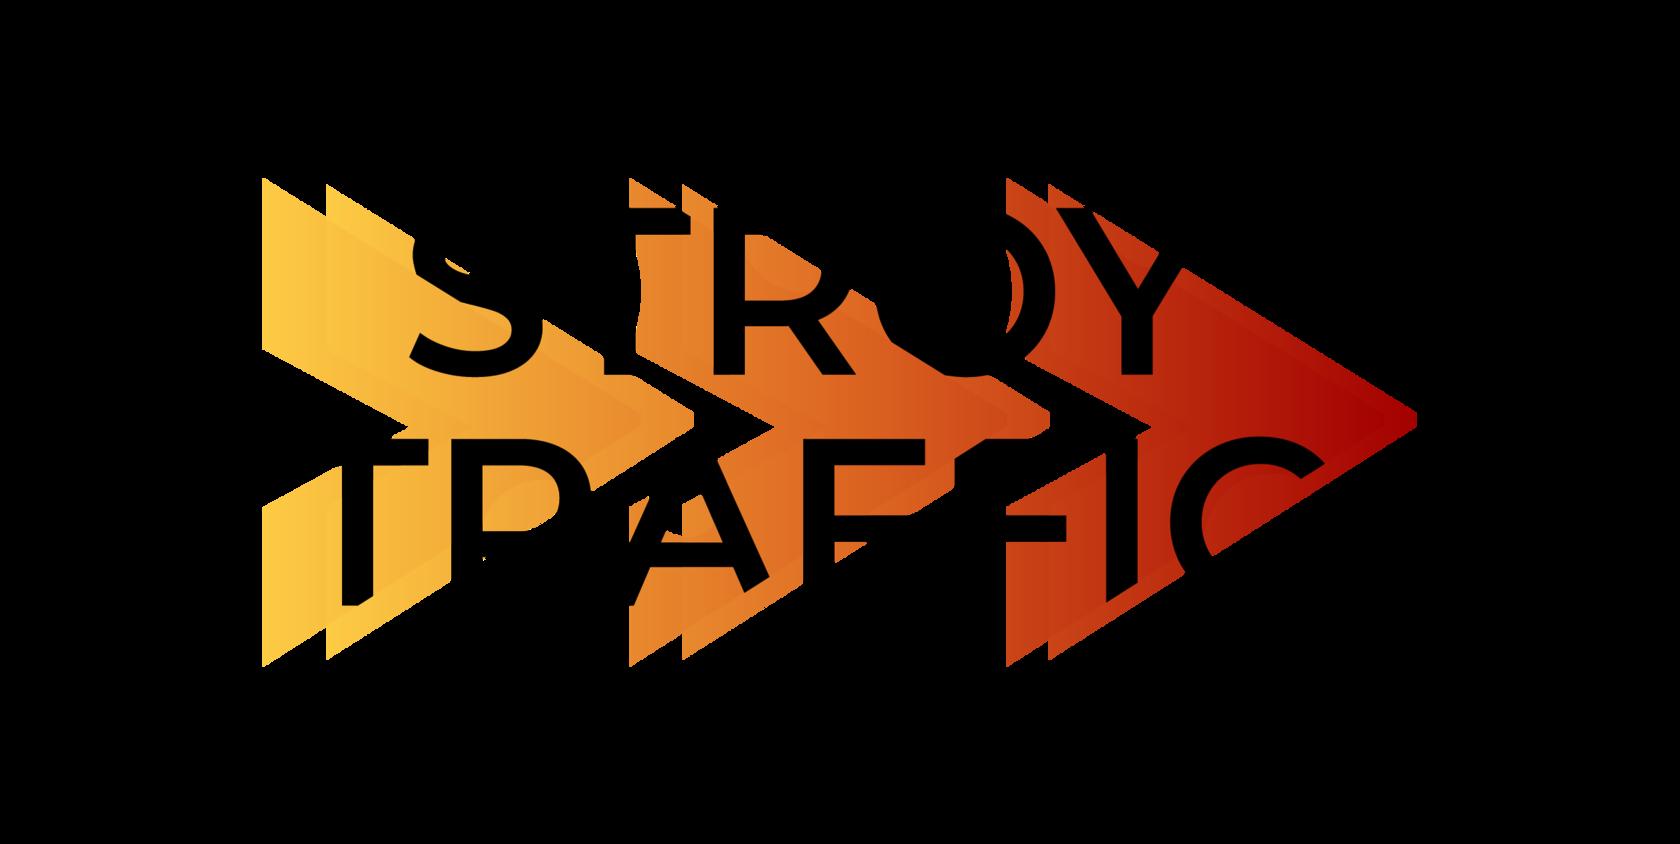 YuristTraffic